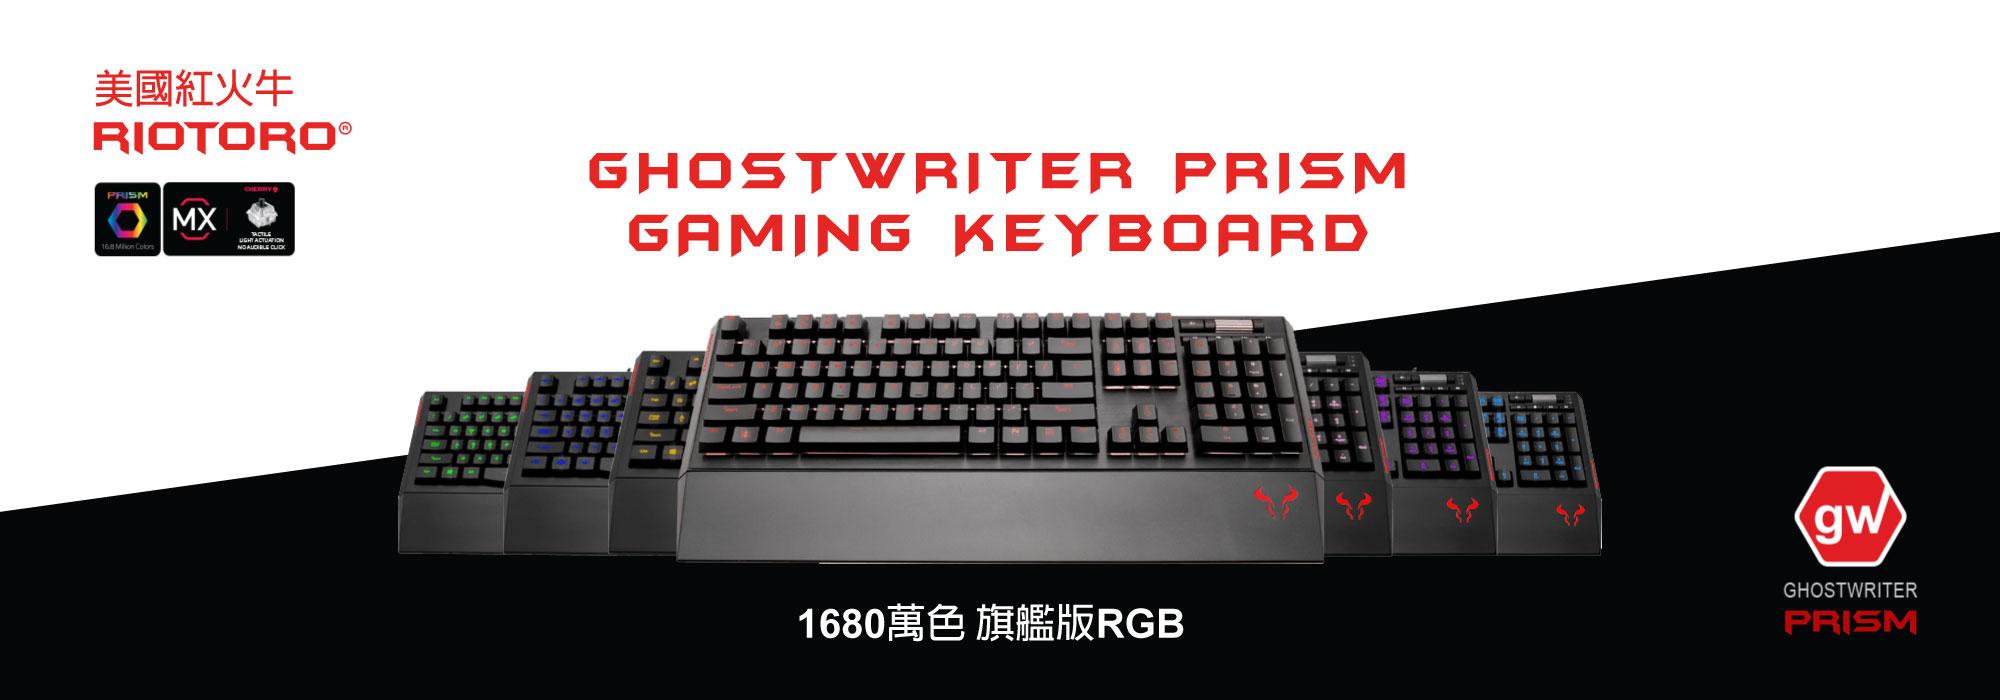 樂維科技總代理,有線鍵盤,鍵盤滑鼠組,電競鍵盤,104鍵鍵盤,鍵盤推薦,青軸鍵盤,茶軸鍵盤,紅軸鍵盤,靜音紅軸鍵盤,,RGB鍵盤,鍵鼠組,高CP值鍵盤,優惠鍵盤,樂維科技,riotoro,美國紅火牛